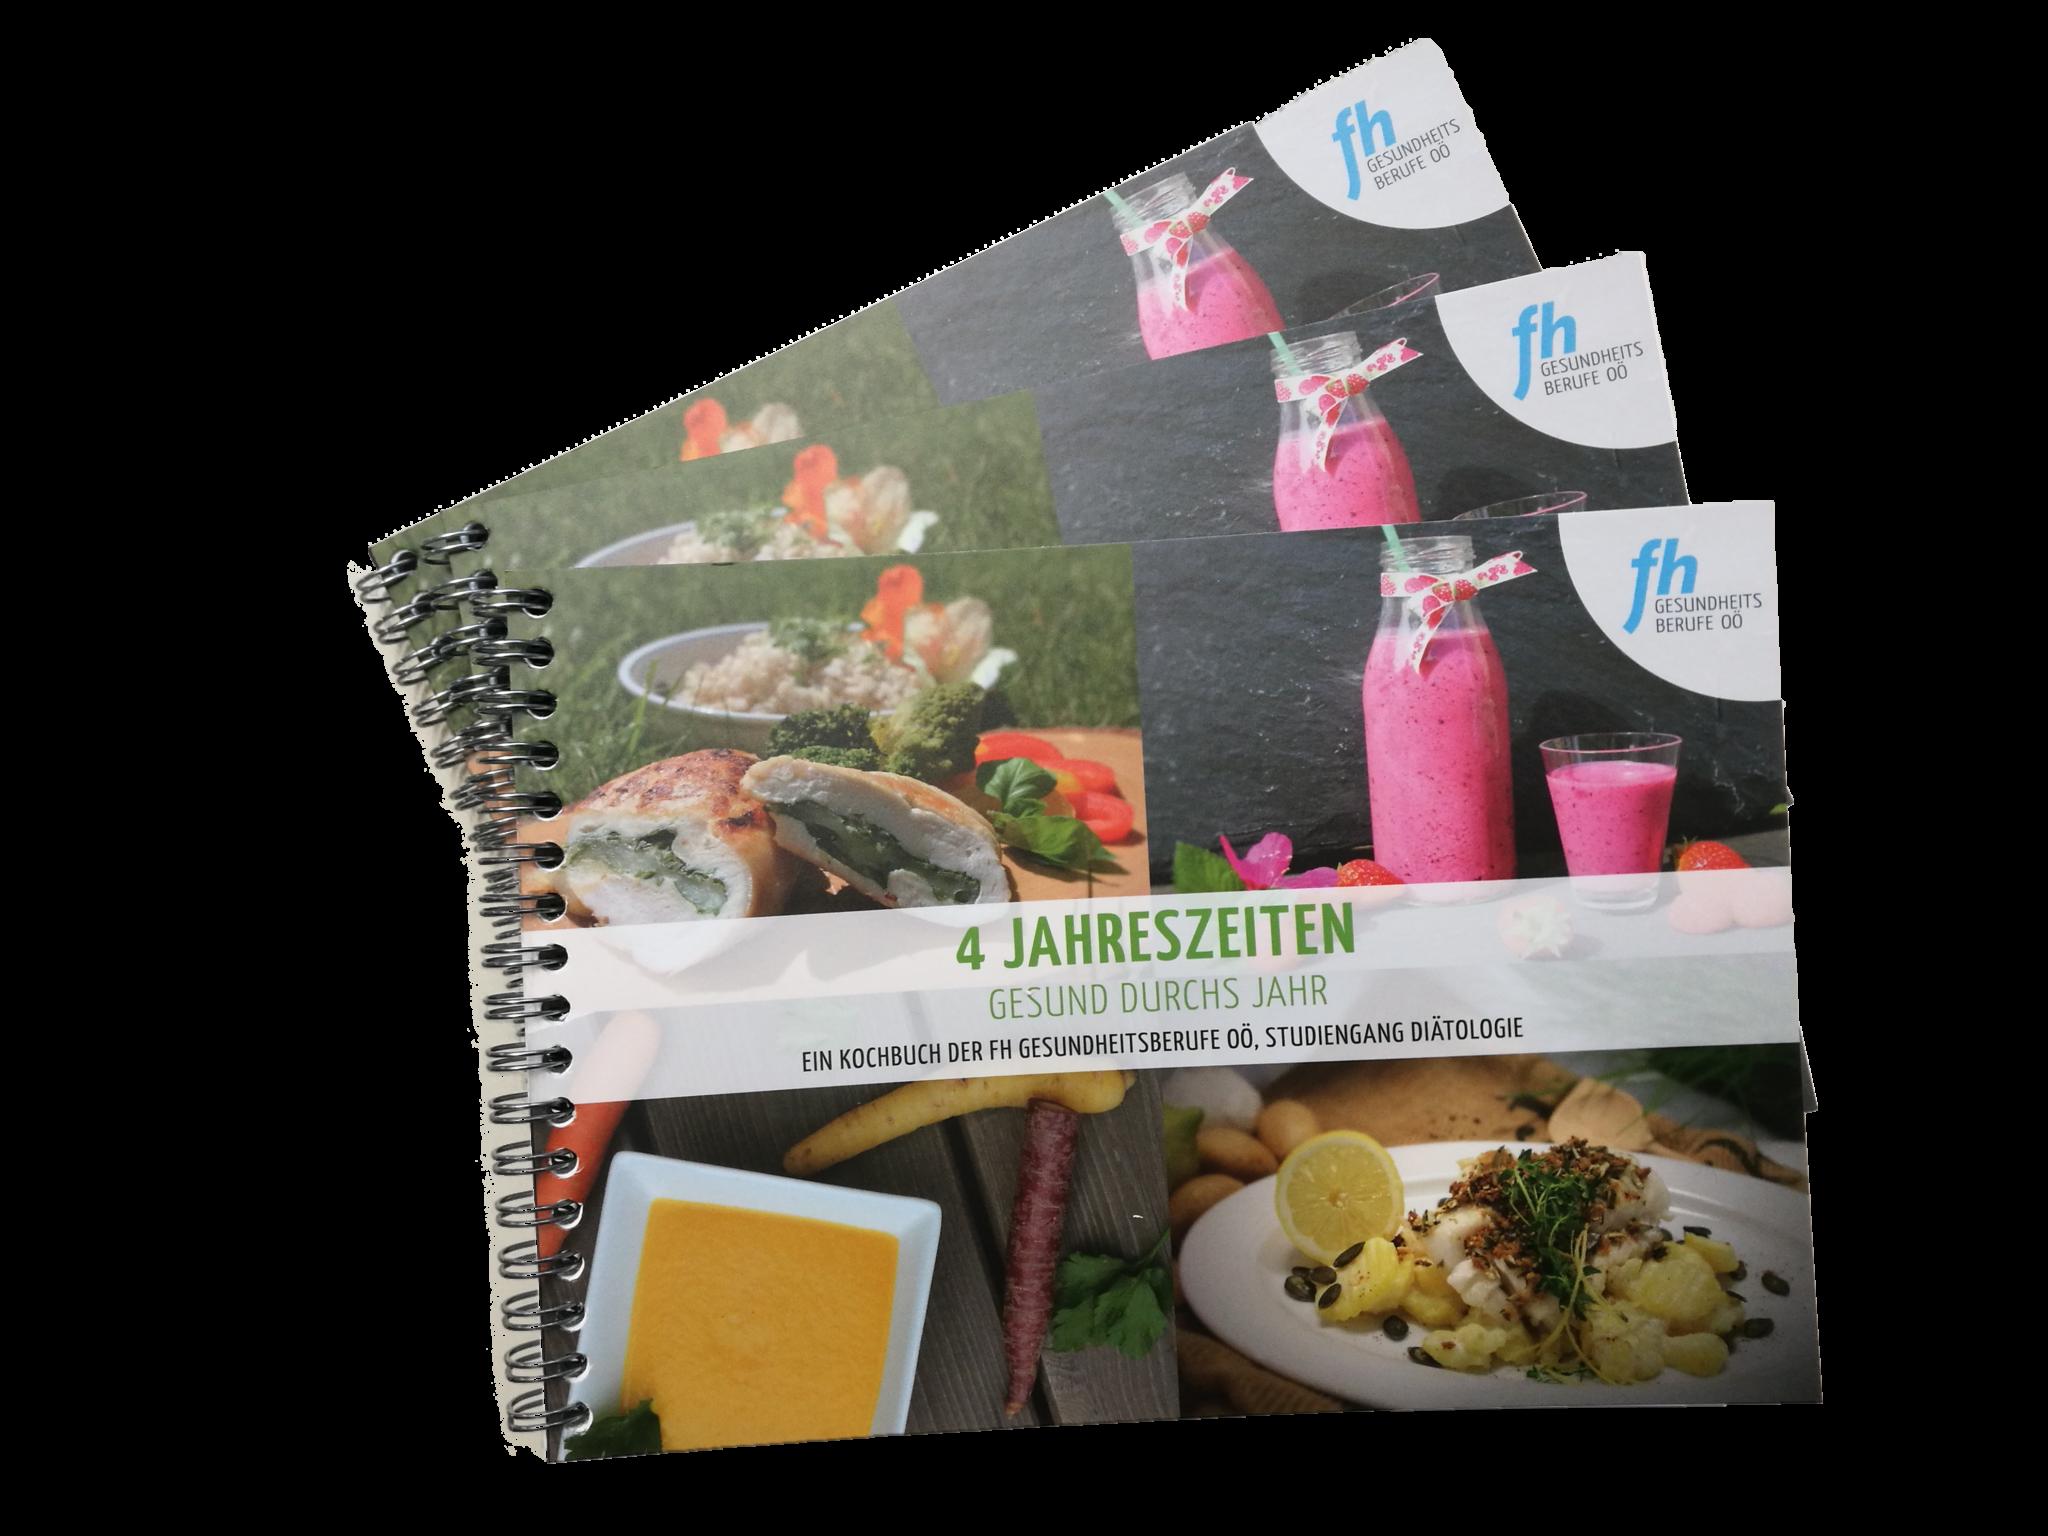 FH Gesundheitsberufe OÖ Kochbuch 4-Jahreszeiten